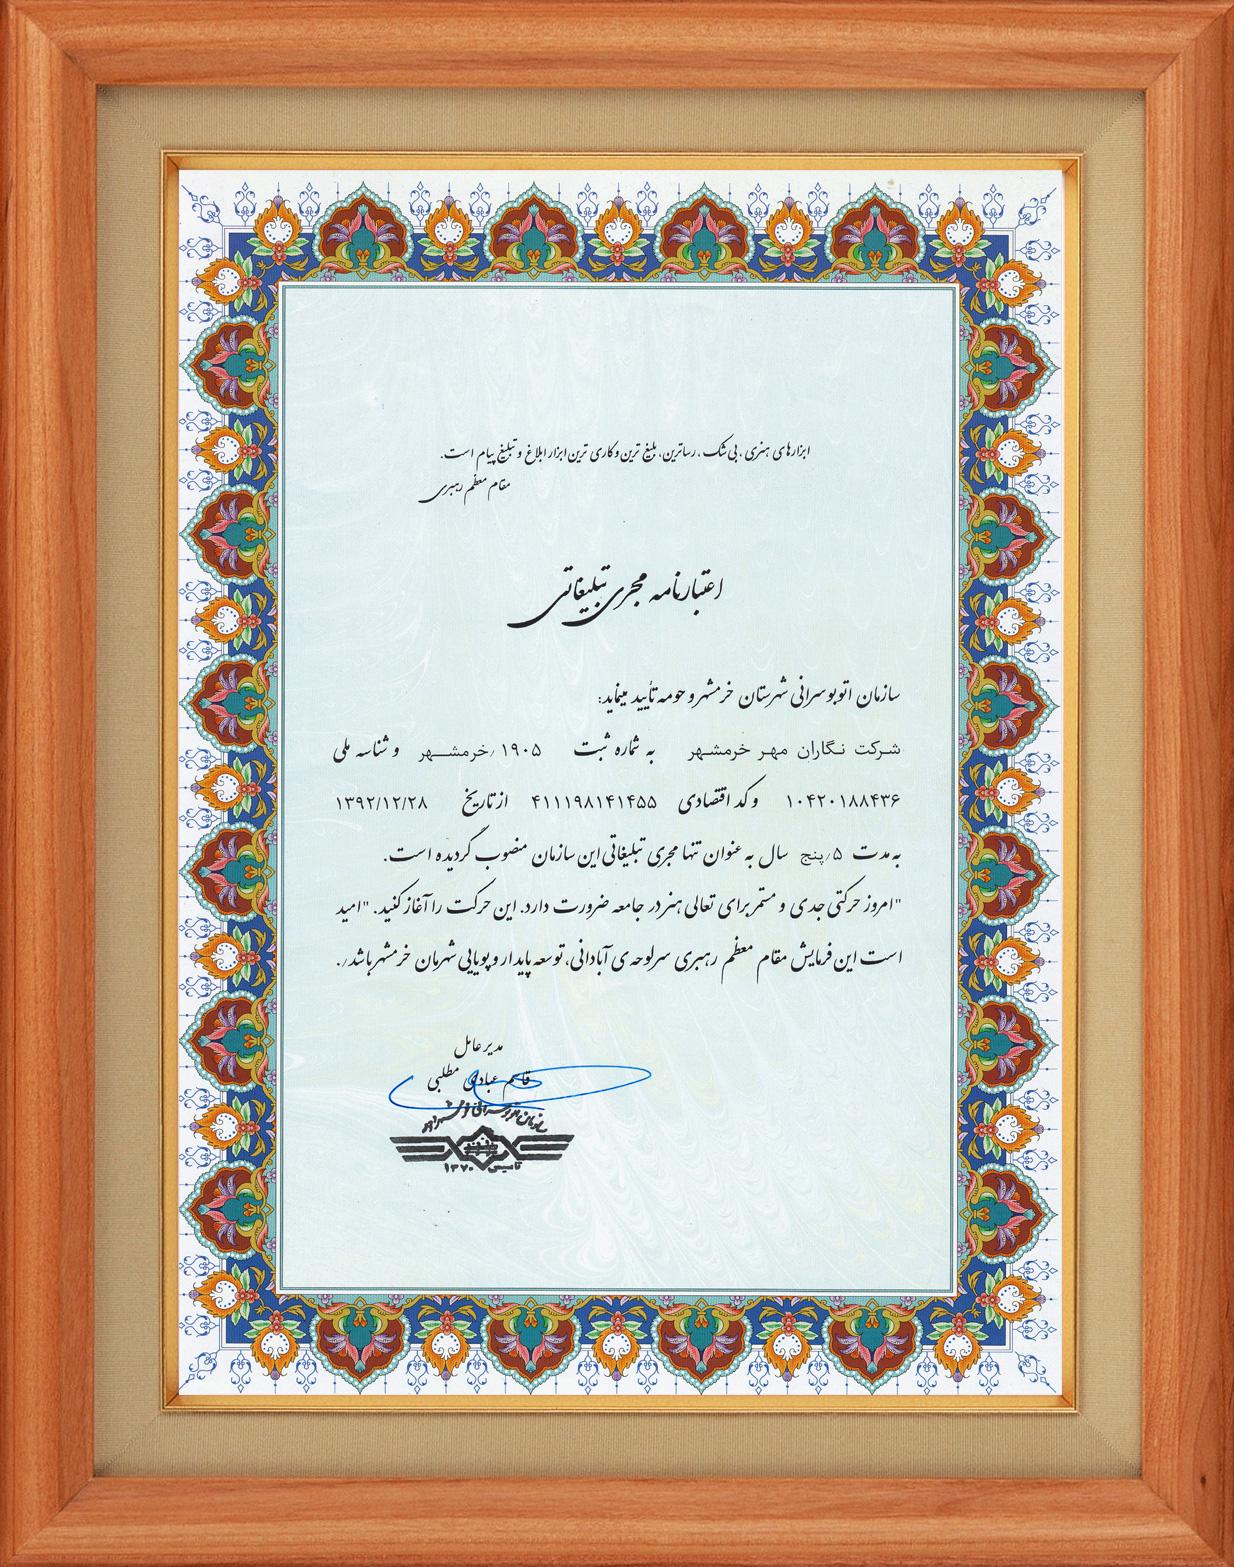 اعتبار نامه 5 ساله تبلیغات سازمان اتوبوسرانی خرمشهر